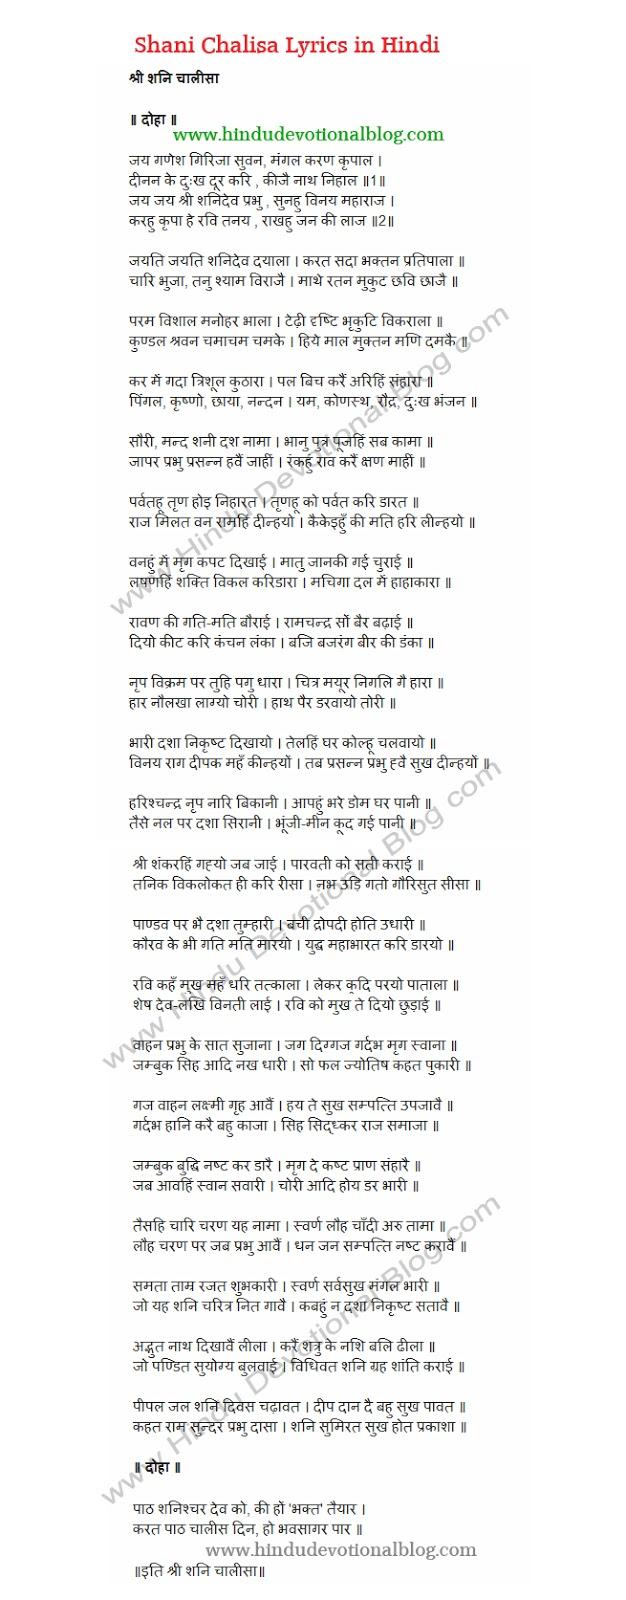 Download Hridayam Free Aditya Pdf Sanskrit